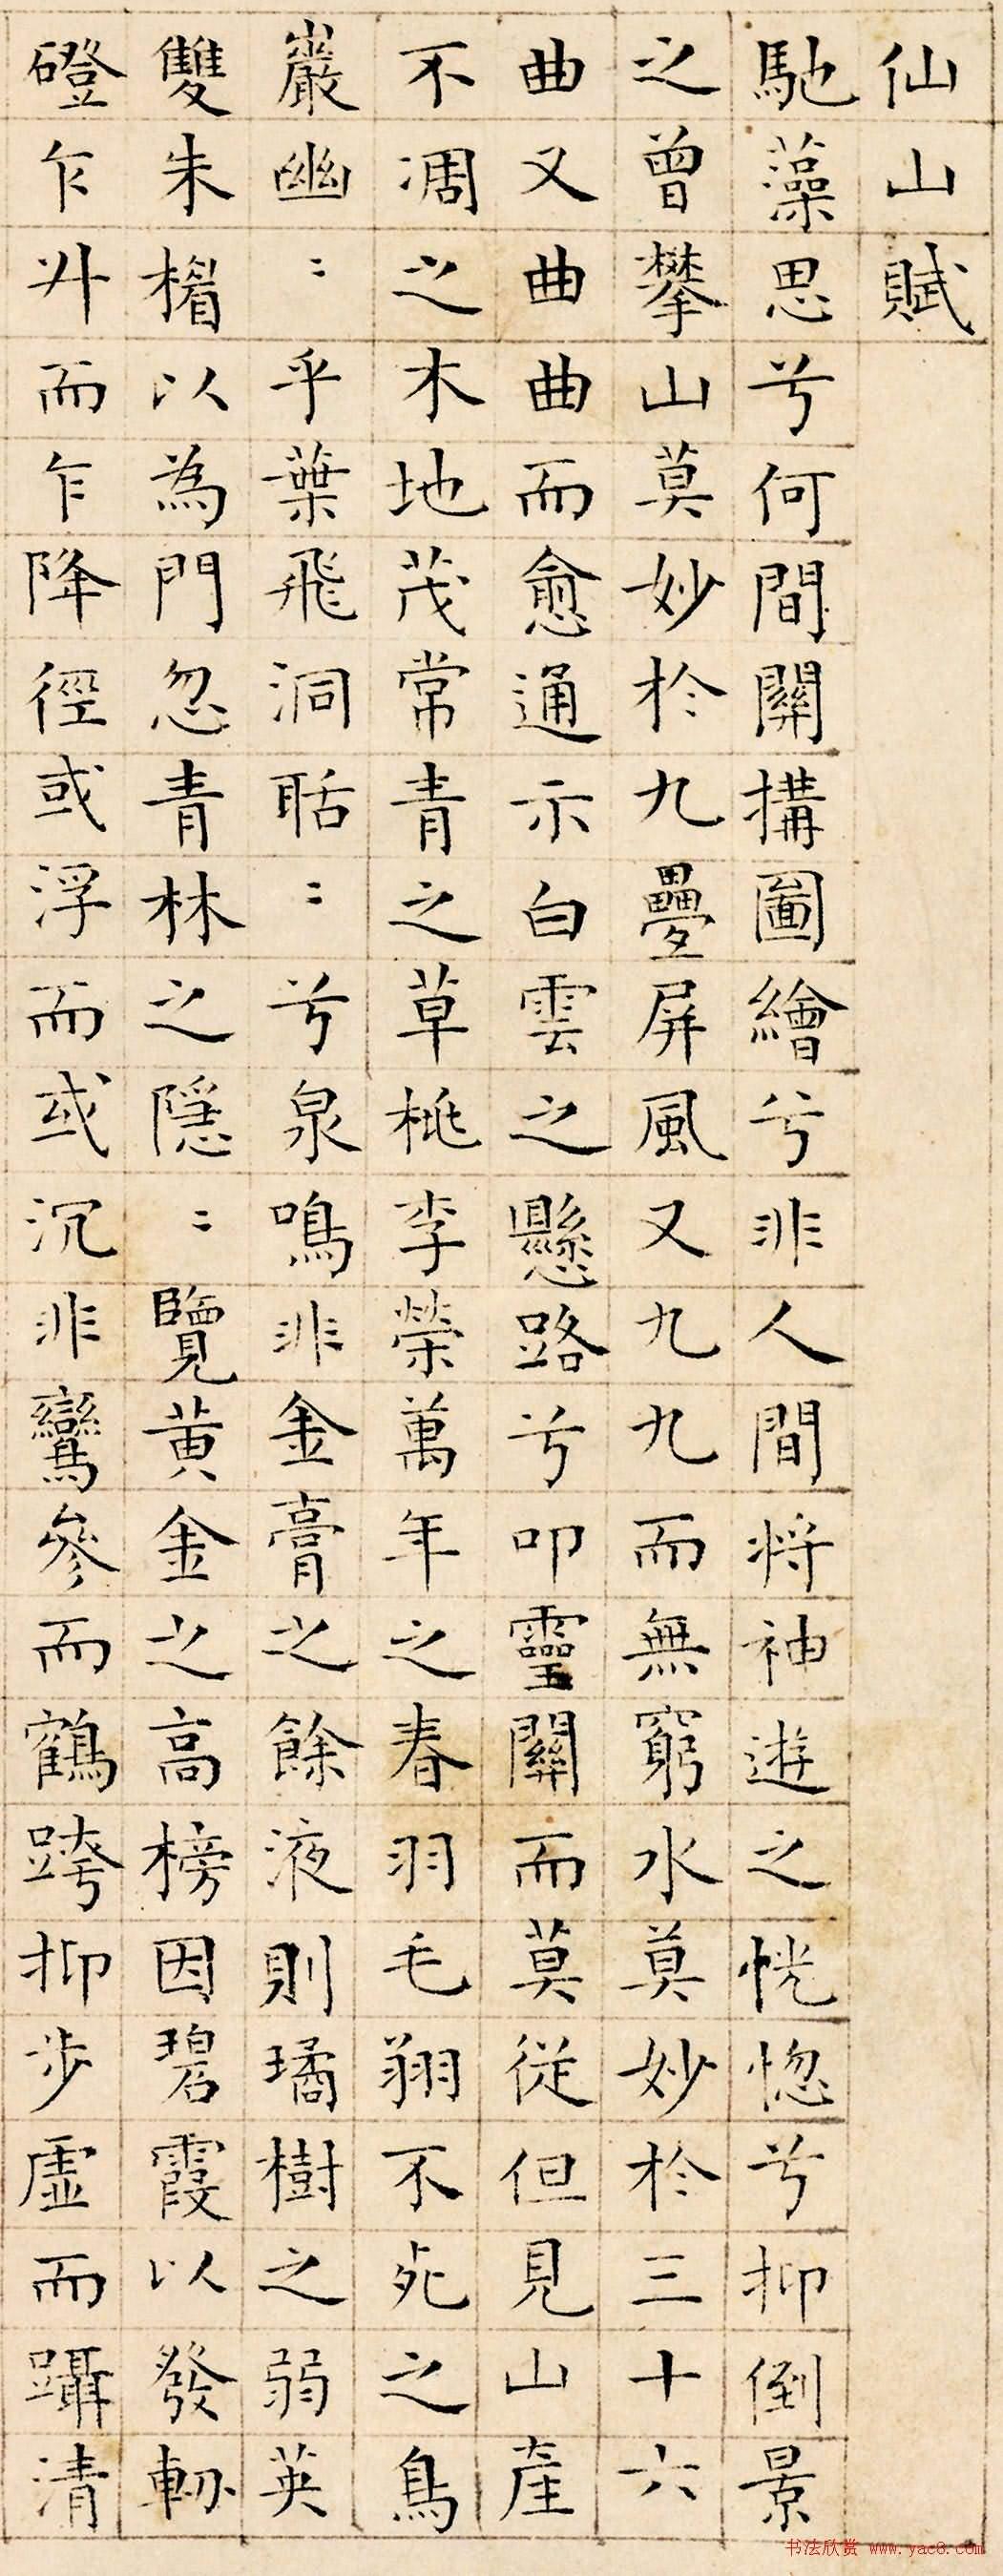 明代陸師道小楷書法字帖《仙山賦》(共5張圖片)